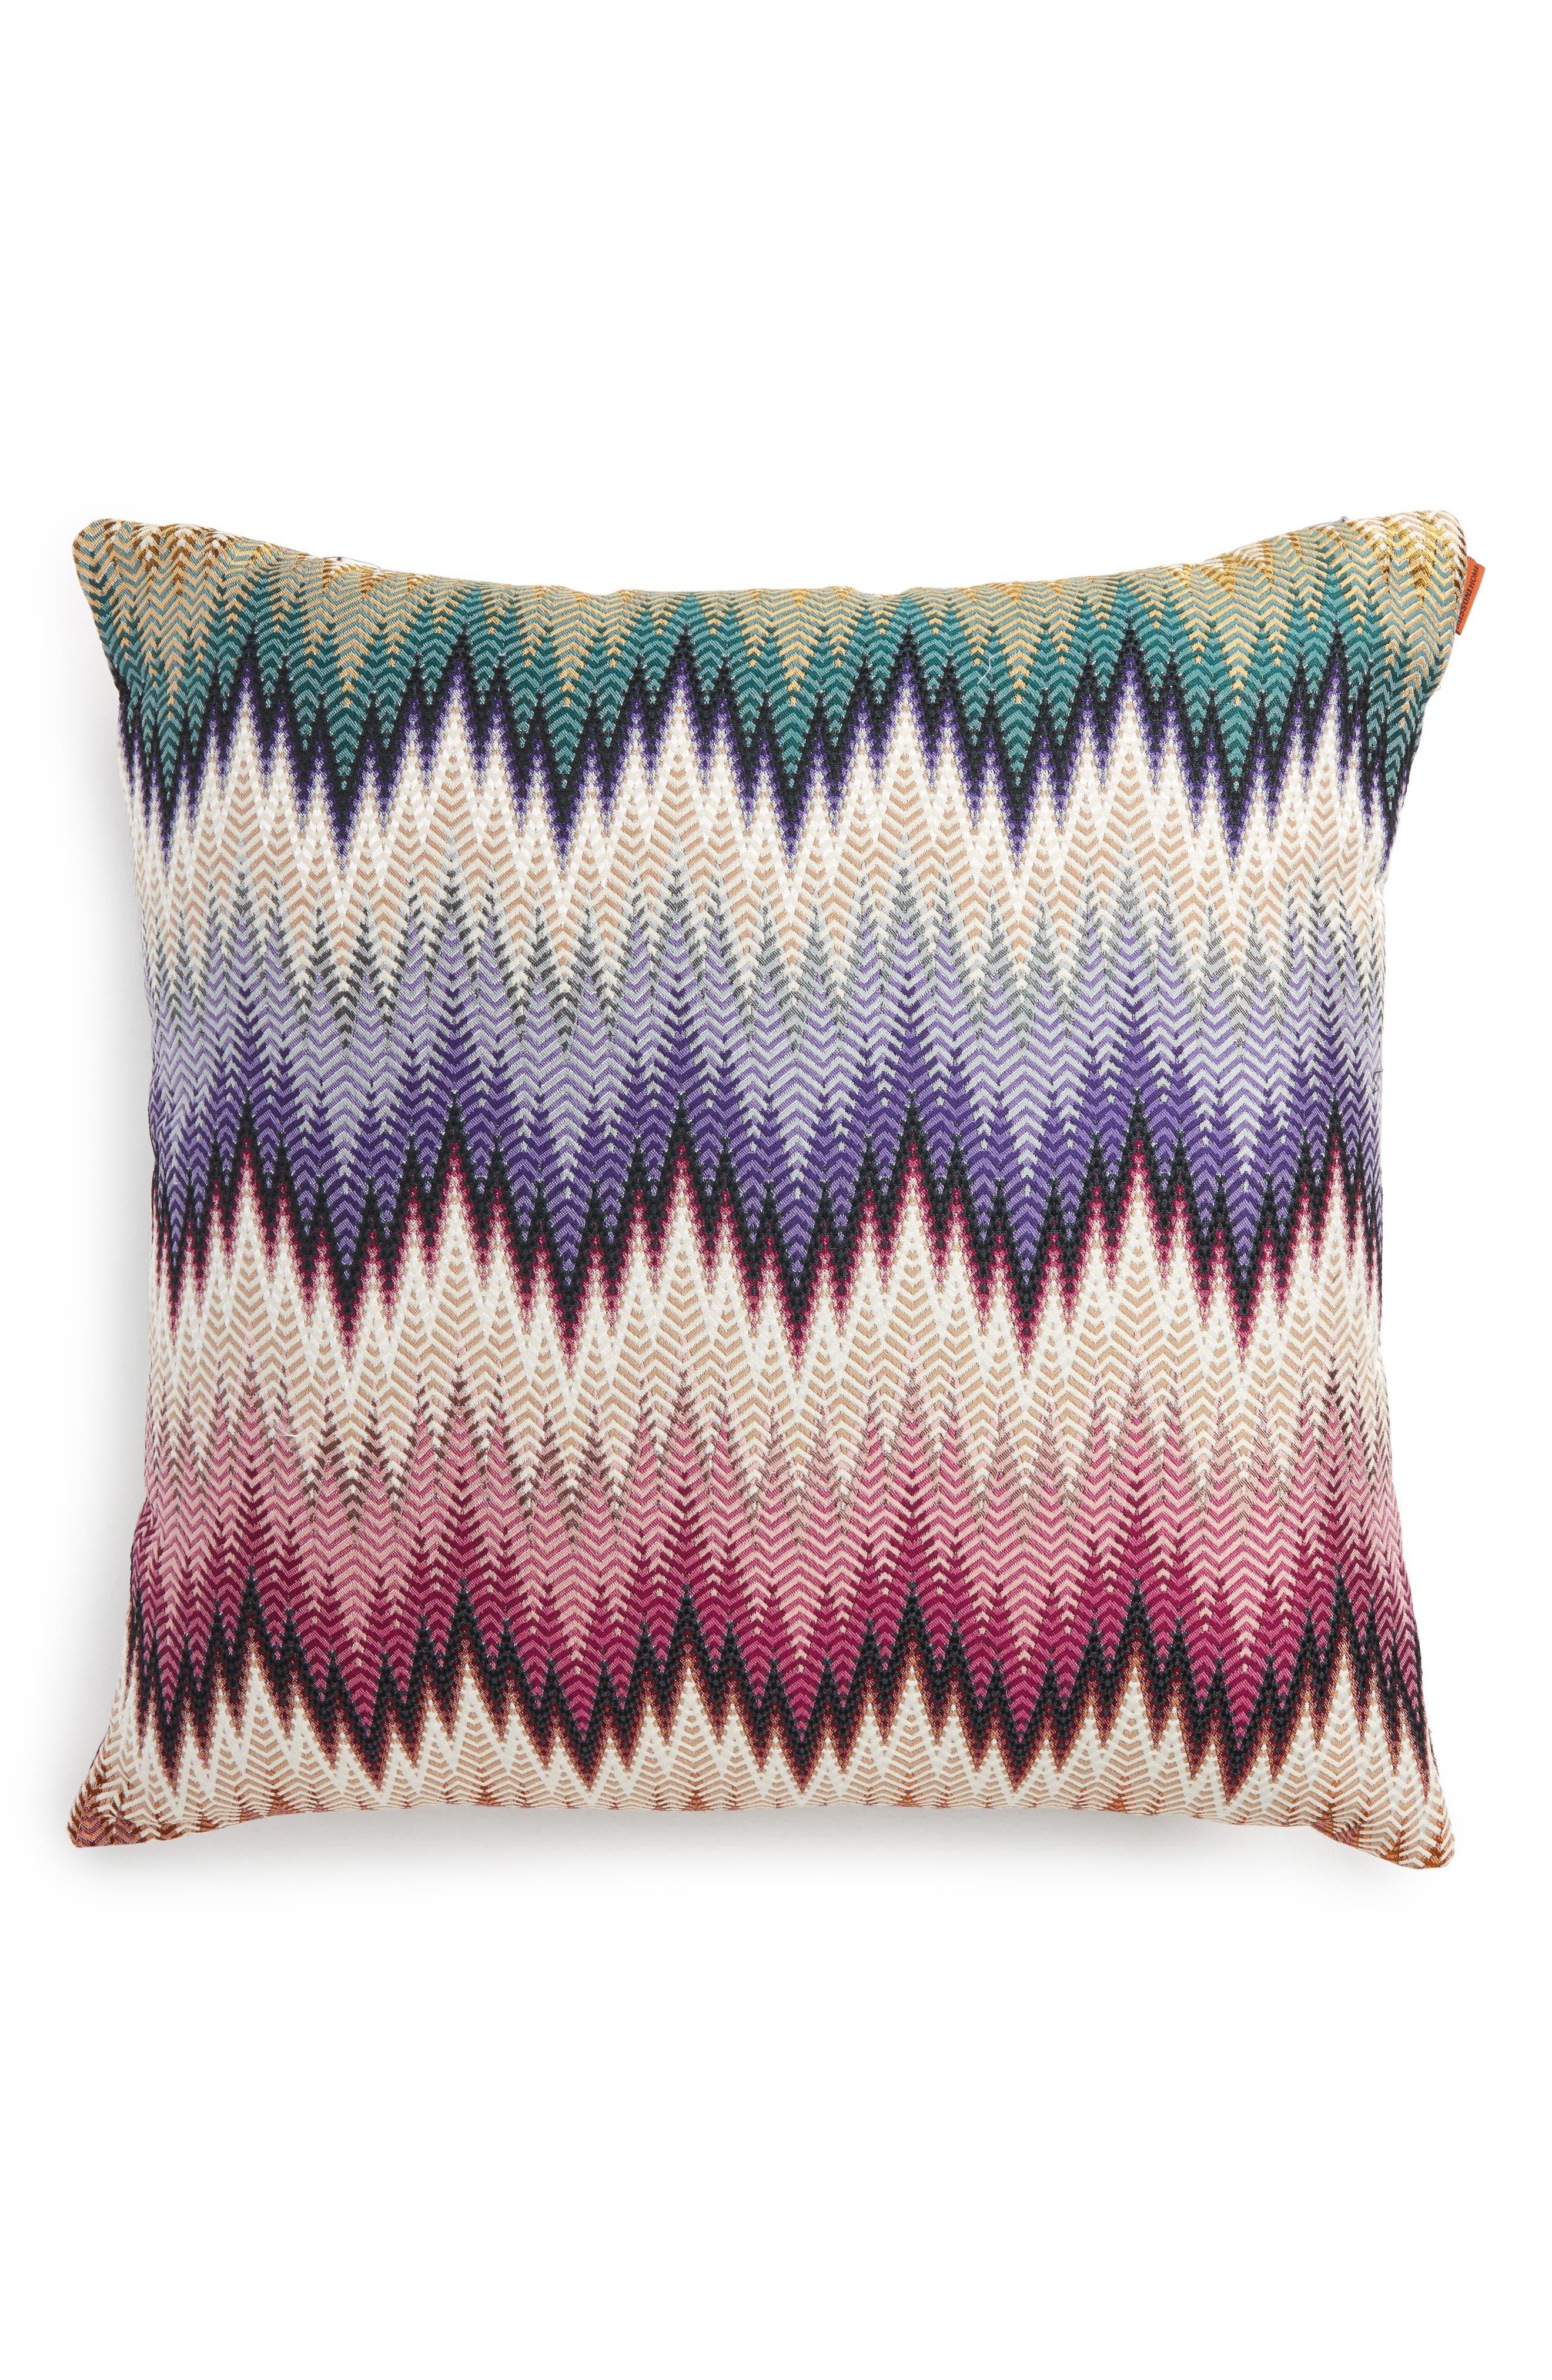 Phrae Accent Pillow,                             Alternate thumbnail 2, color,                             Multi Color